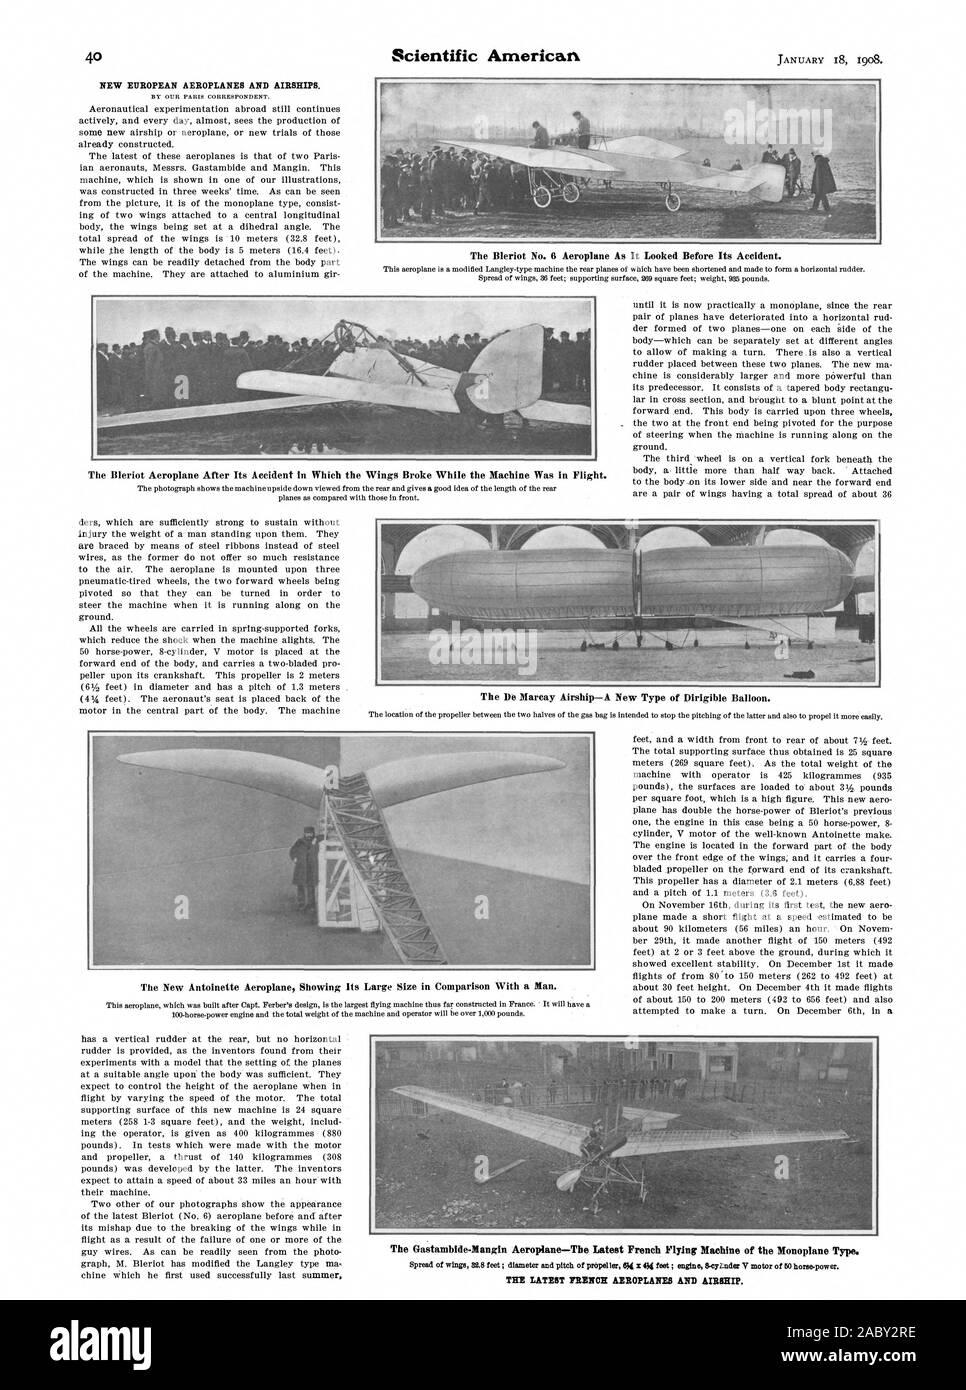 L'avion Bleriot n° 6 comme c'était avant son accident. Le Blériot avion après son accident qui a brisé les ailes pendant que l'appareil était en vol. L'être Marcay Airship - un nouveau type de ballon dirigeable. Le nouvel avion Antoinette montrant sa grande taille par rapport à un homme. Le Gastambide-Mangin-Tbe Avion de l'aviation français de la plus récente de la machine Type monoplan. Les derniers avions FRANÇAIS ET DIRIGEABLE., Scientific American, 1908-01-18 Banque D'Images